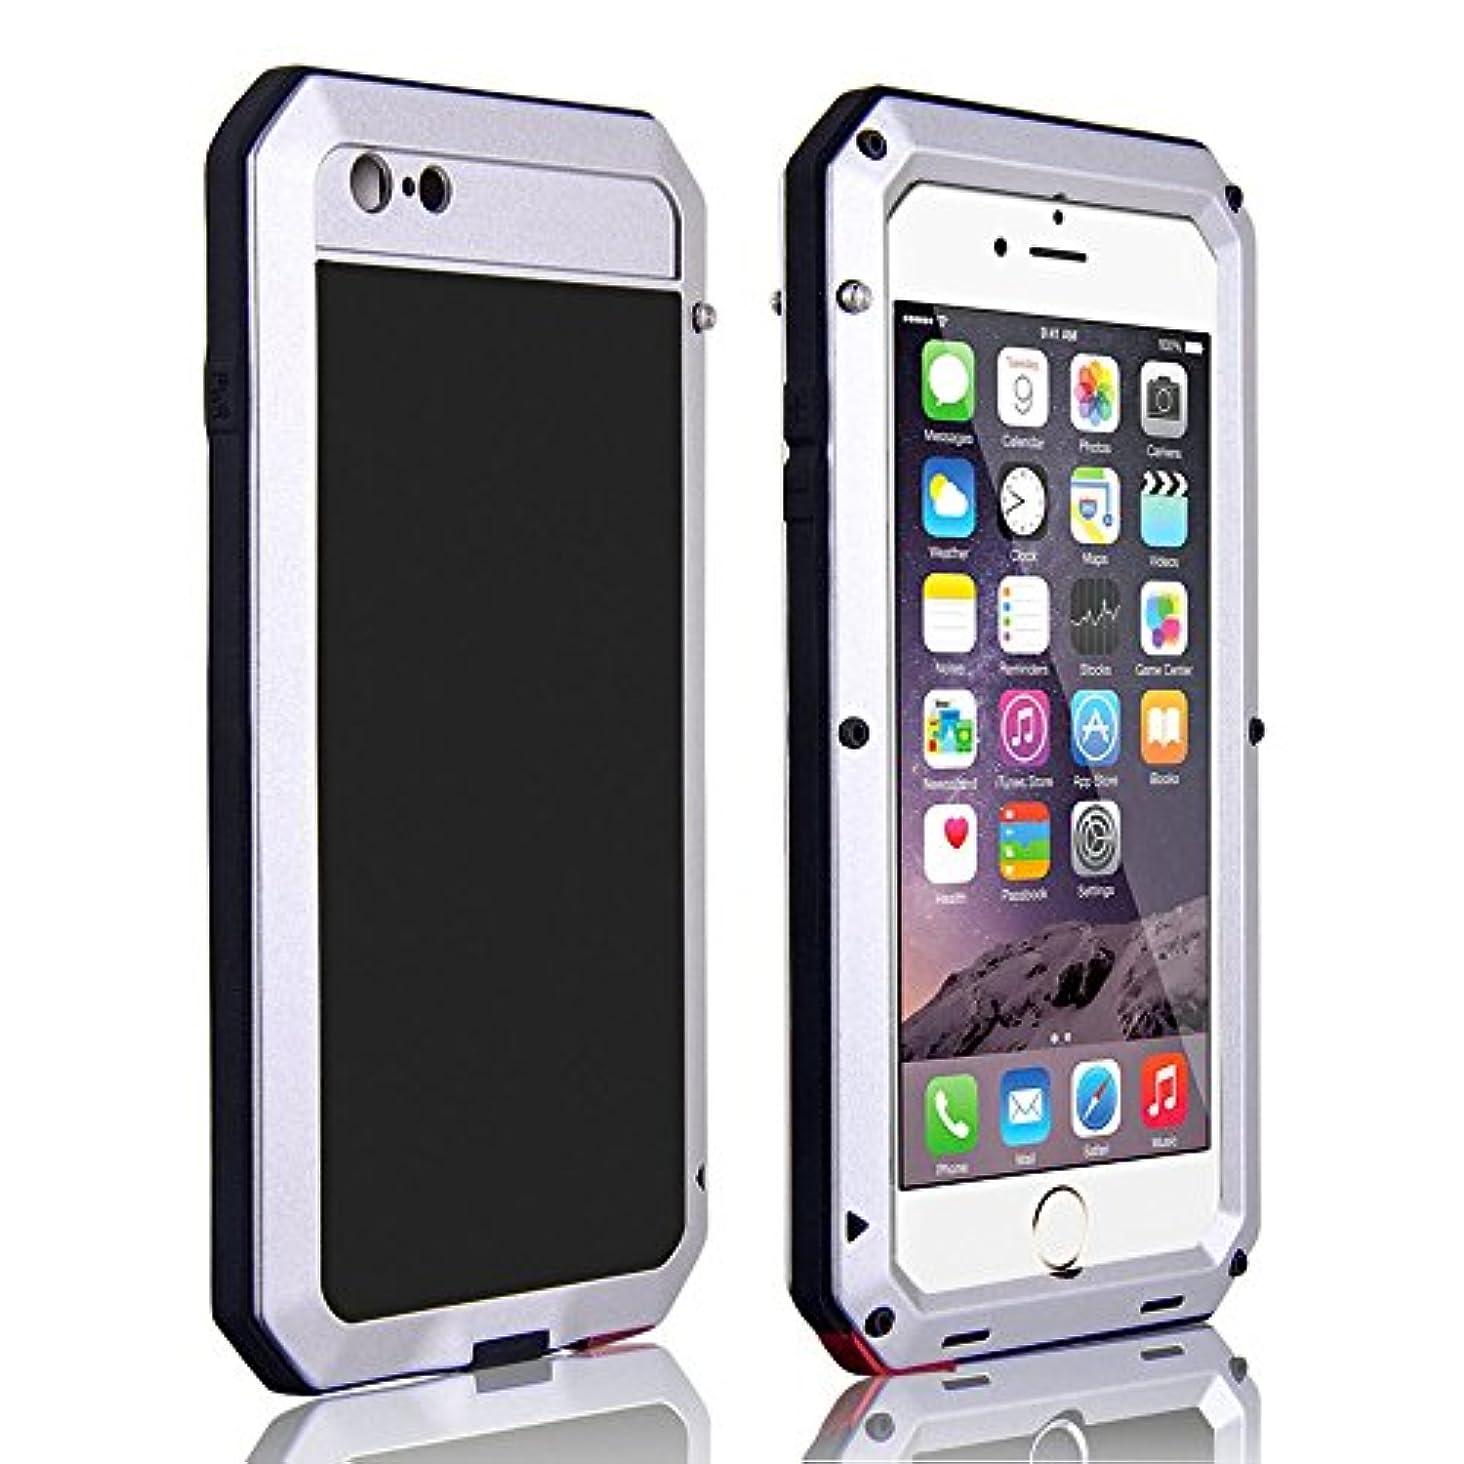 聖なる牛肉原稿CarterLily iPhone 6 Plus用ケース 耐衝撃 防塵 防水 アルミニウム アーマー フルボディ保護ケース iPhone 6 Plus/iPhone 6S Plus シルバー 6555688